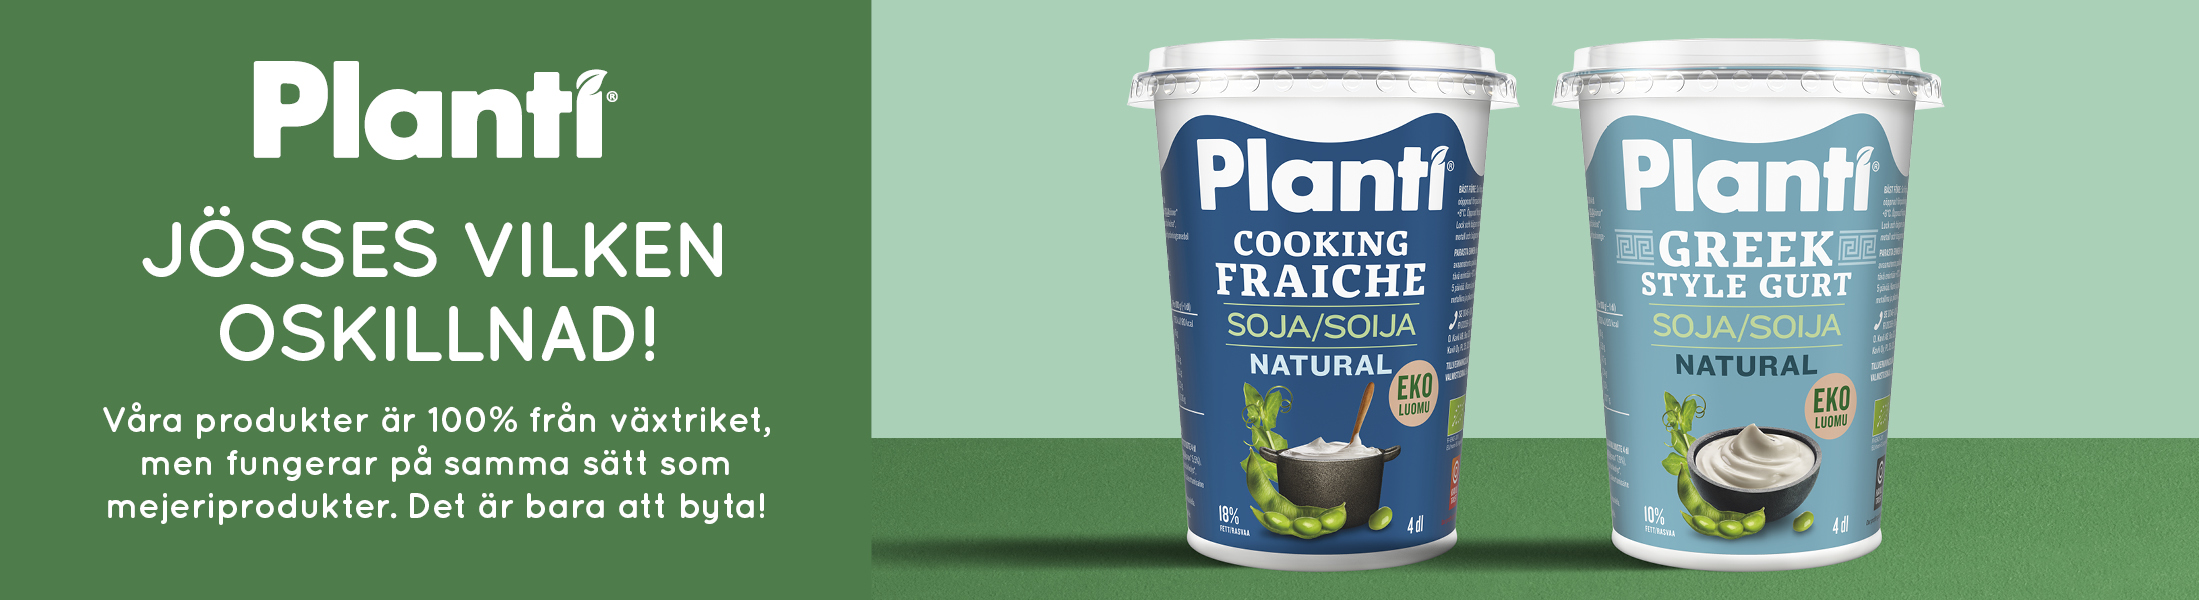 Planti Cooking fraiche och Planti Greek style gurt - text - Planti, jösses vilken oskillnad! Våra produkter är 100% från växtriket, men fungerar på samma sätt som mejeriprodukter. Det är bara att byta!